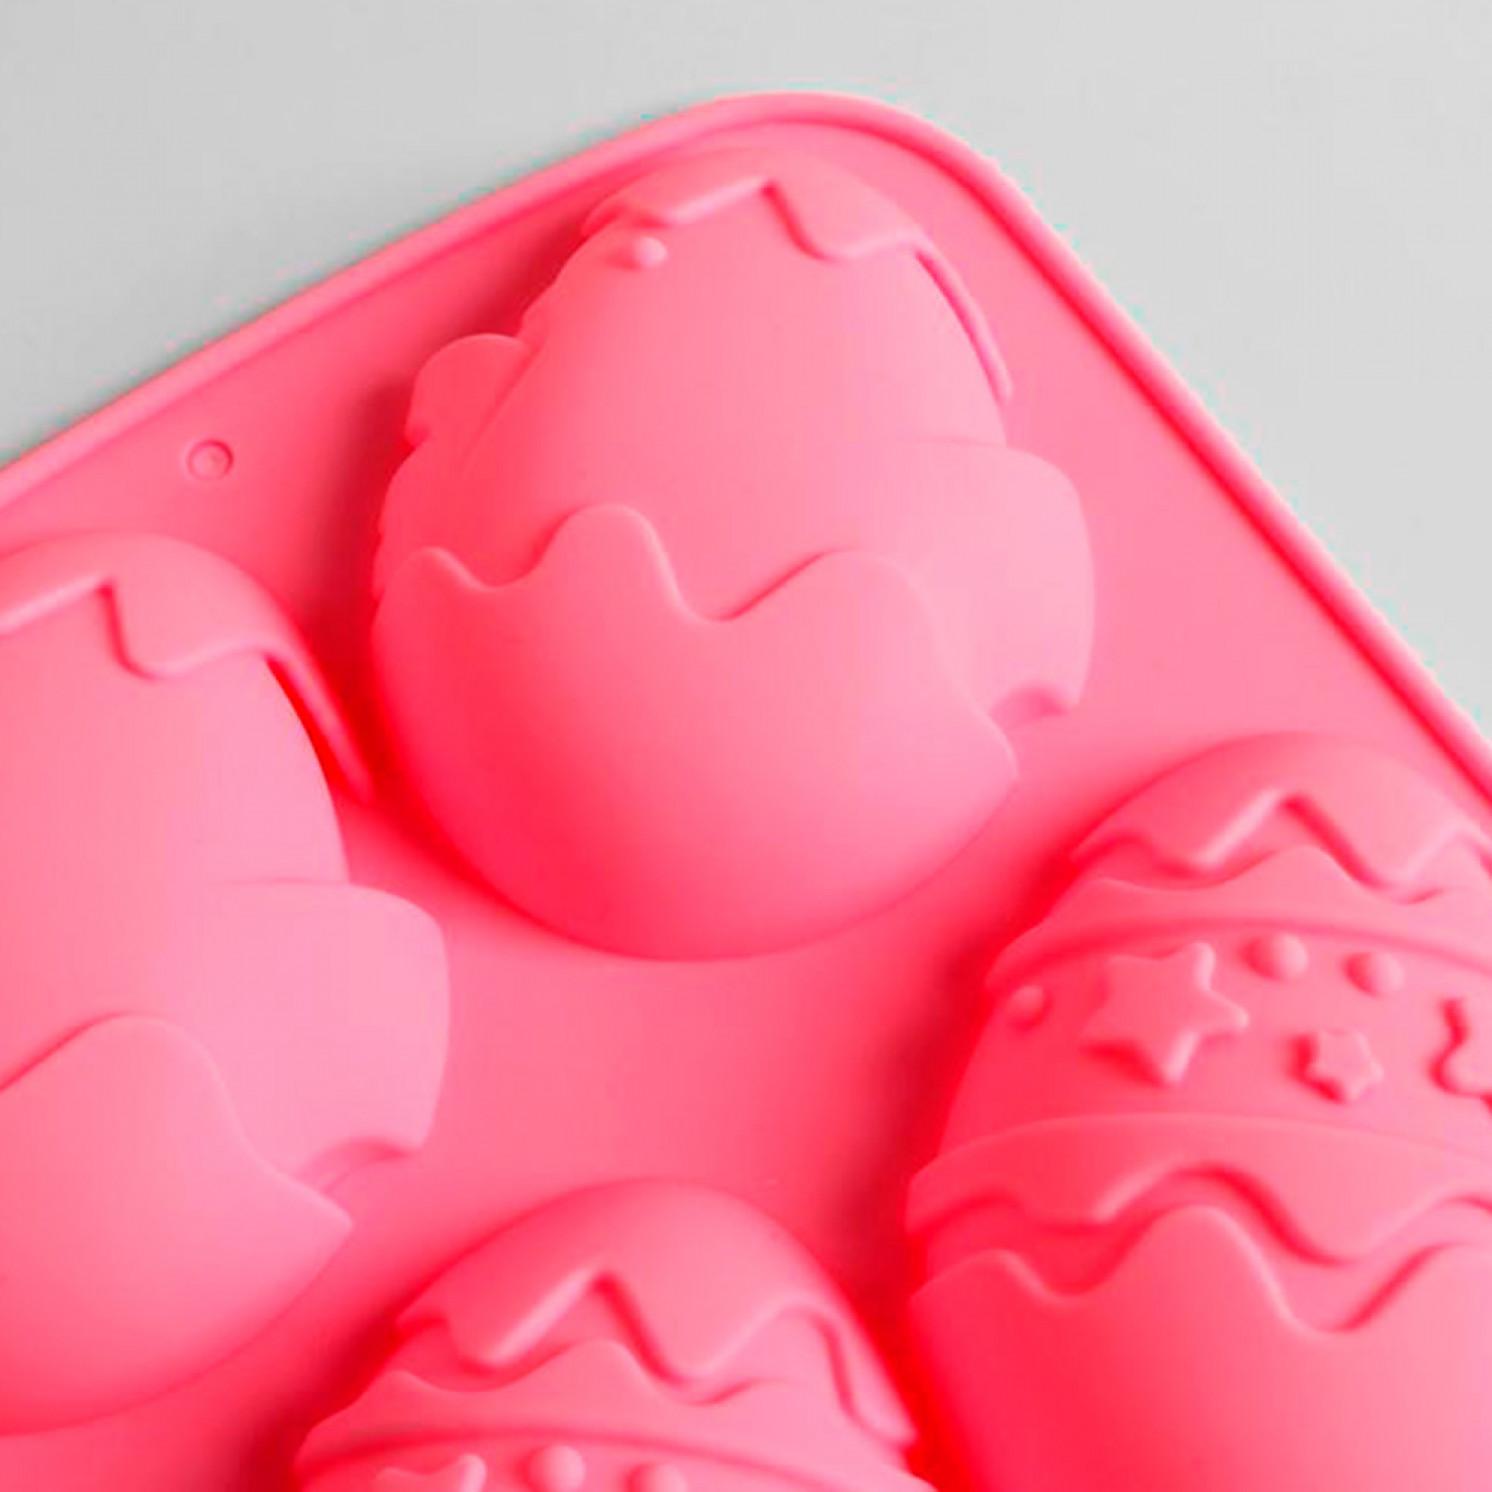 Силиконовая форма для выпечки «Зайцы и цыплята» розовая, 17,1 х 26 см